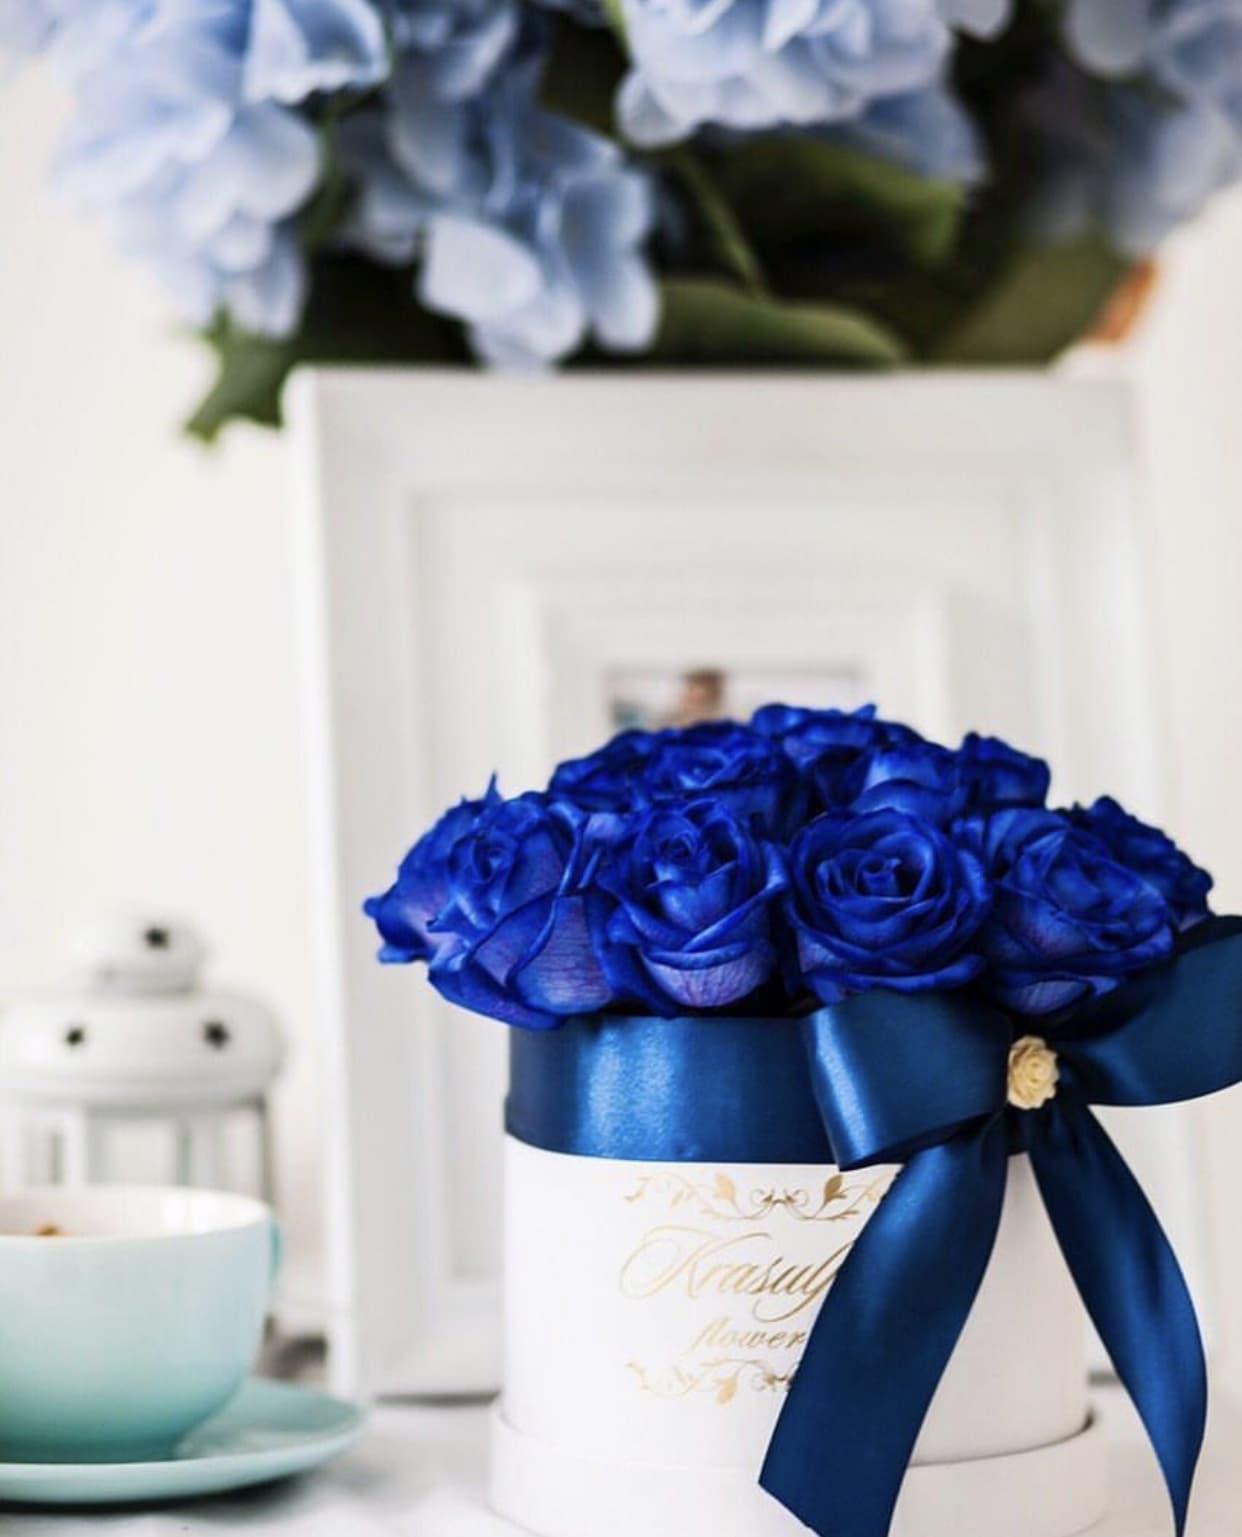 Bela kutija sa plavim ruzama